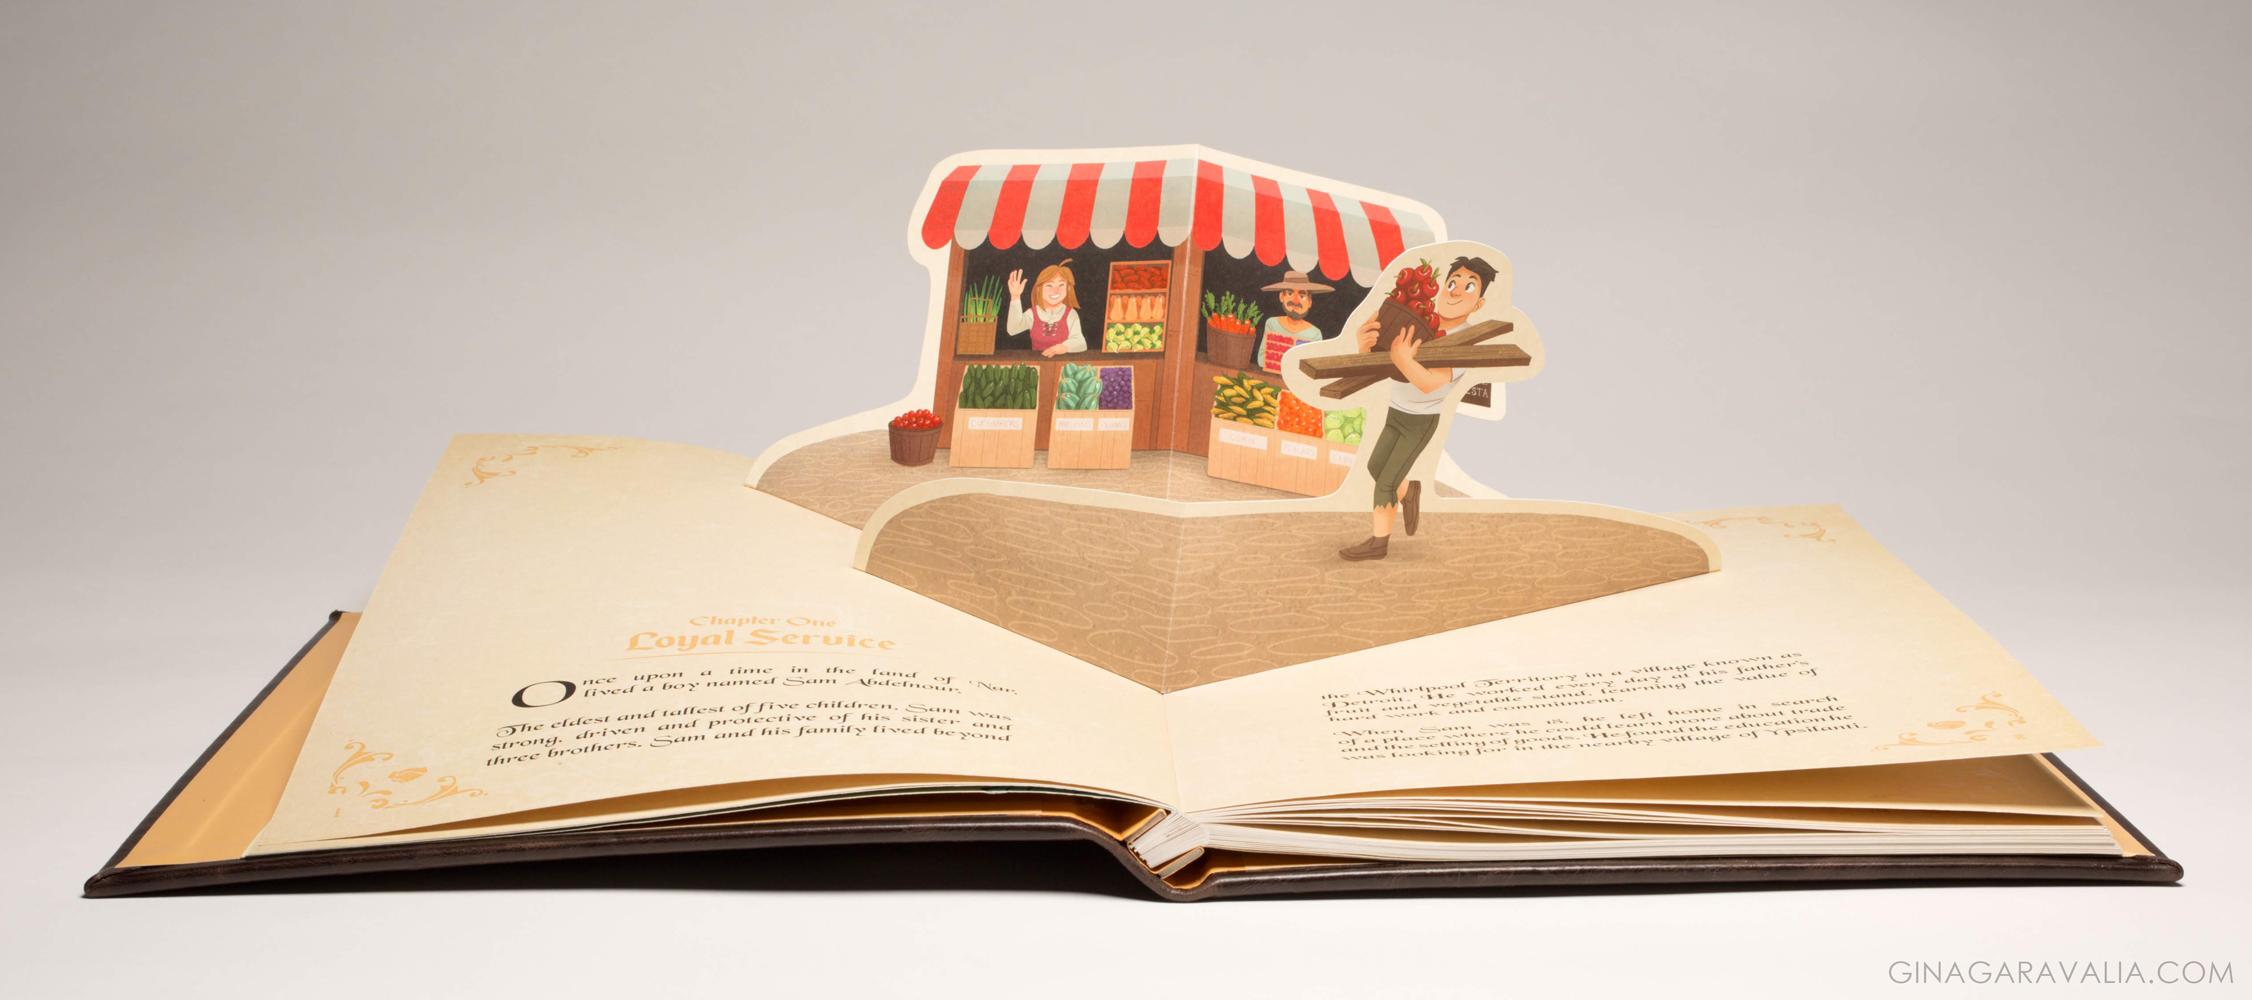 Flat-book-popups-1.jpg